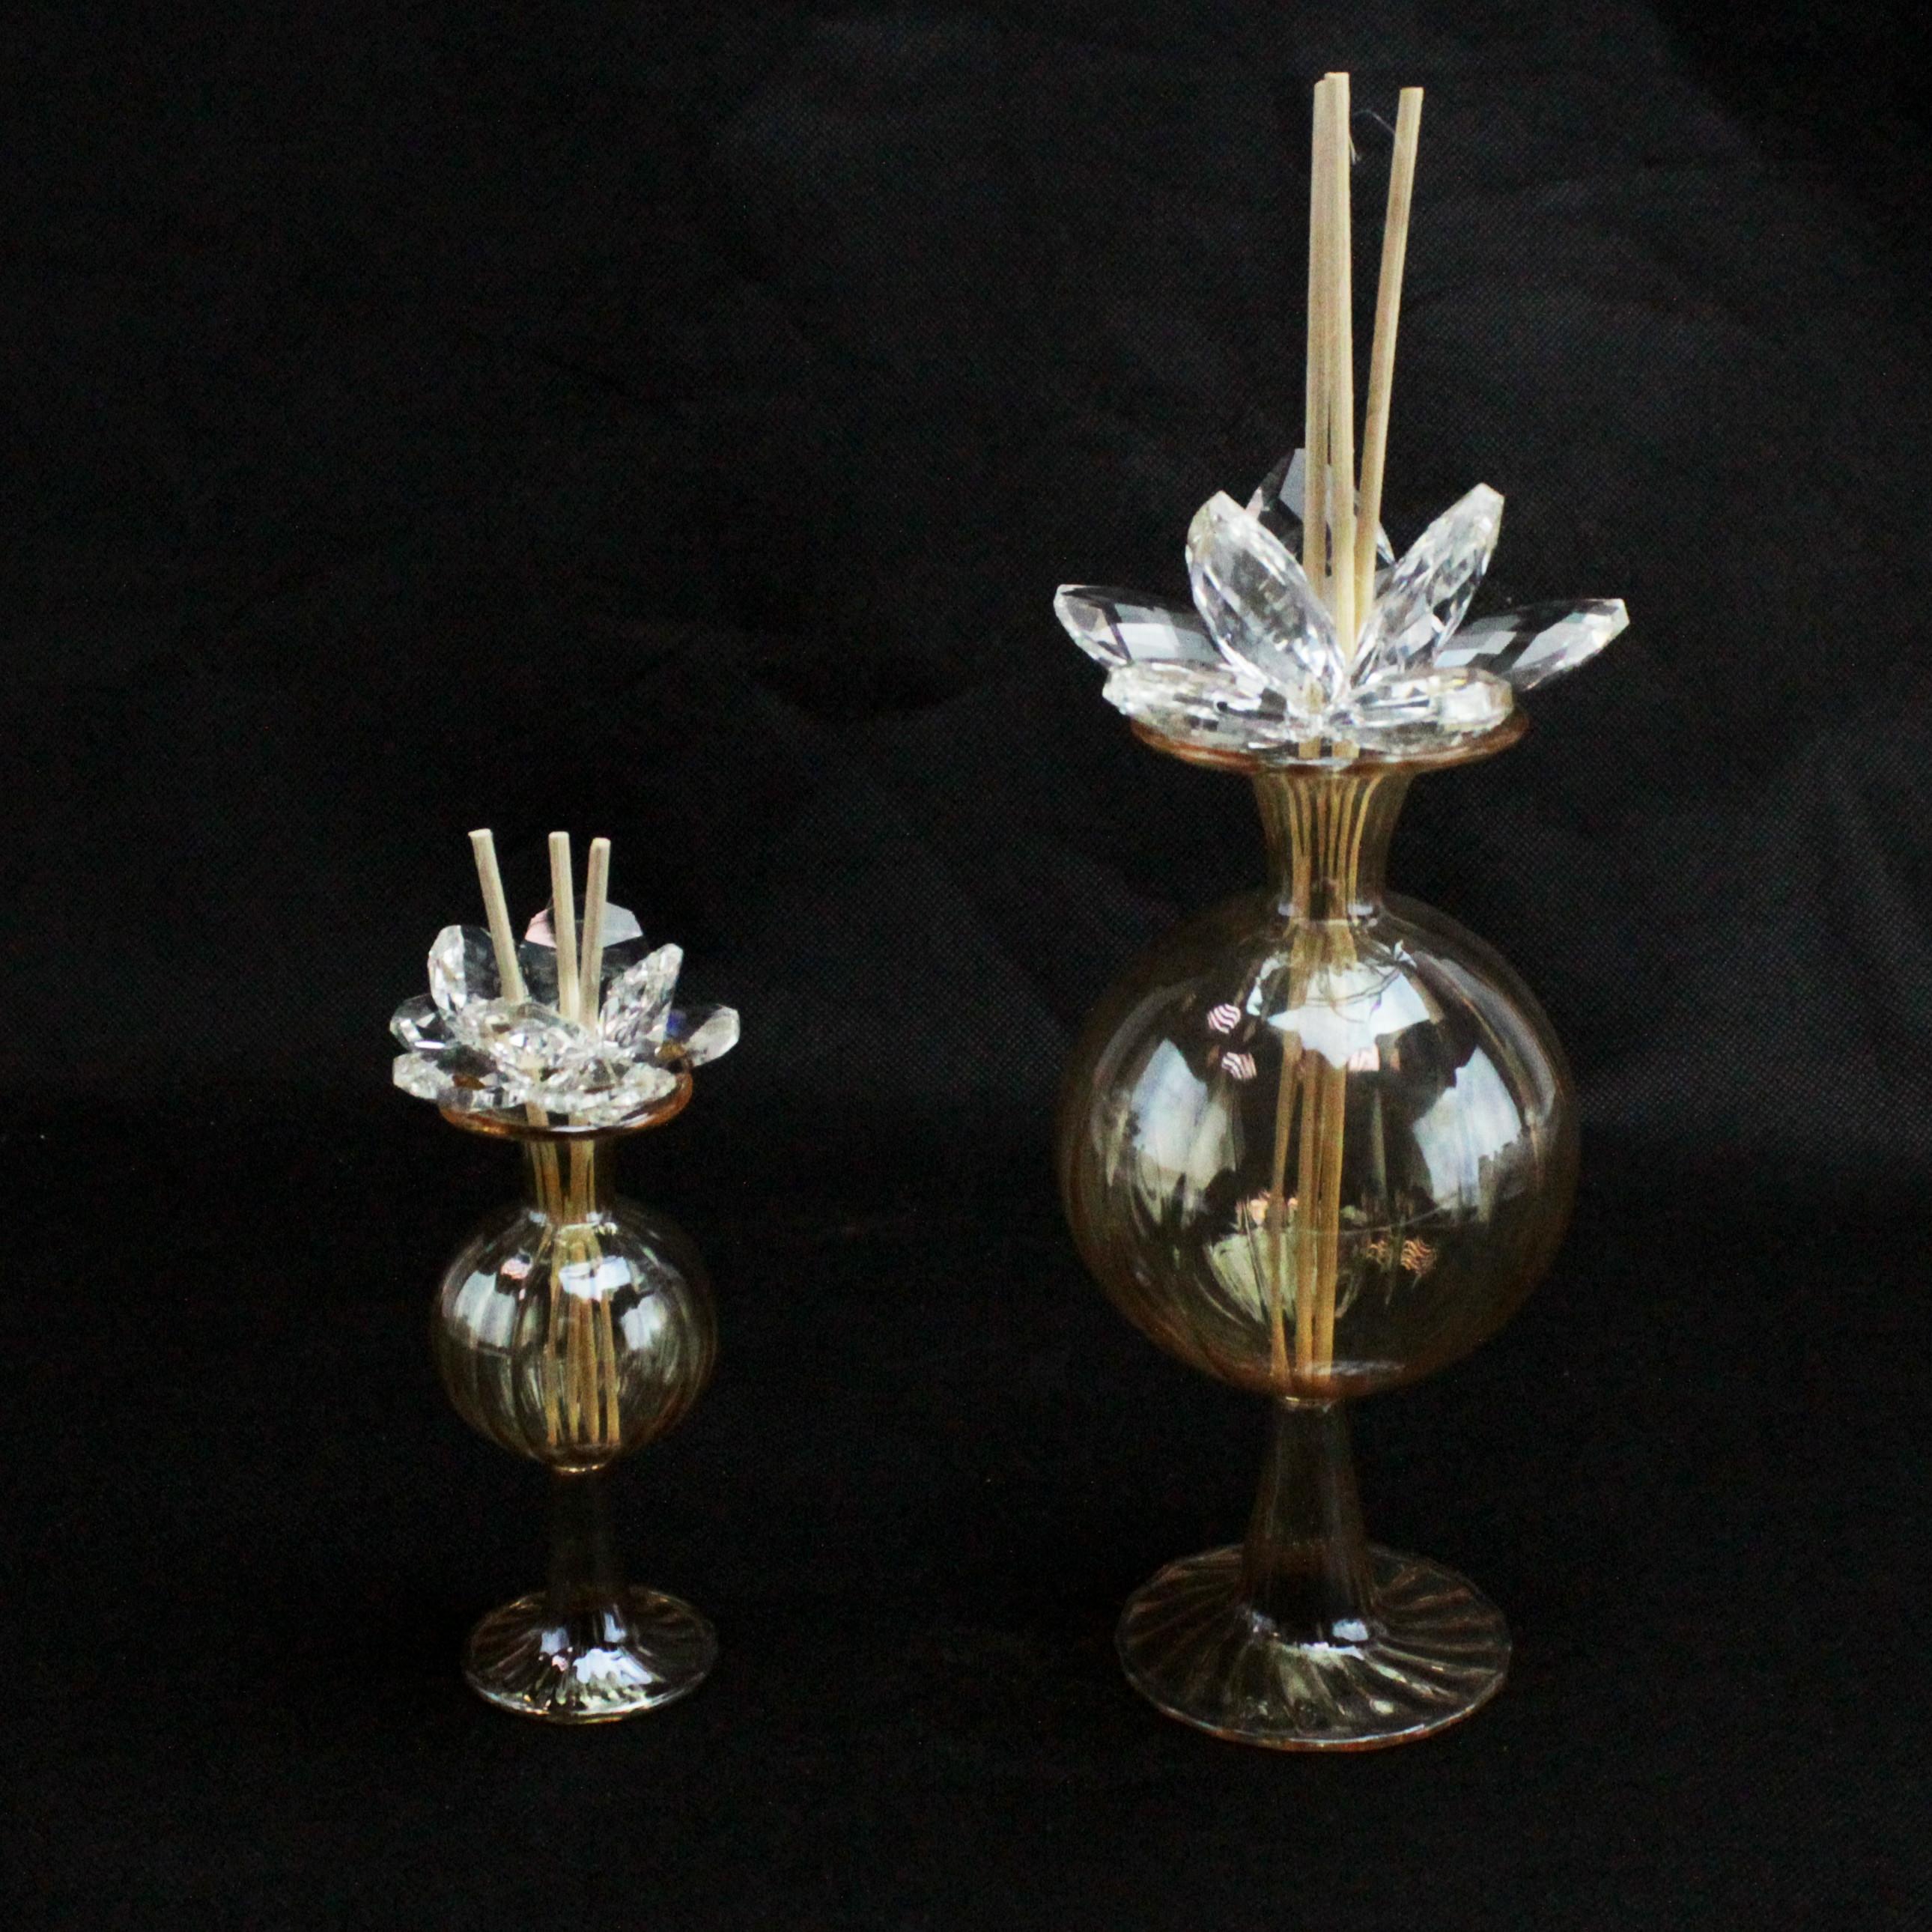 Profumatore in vetro soffiato con Fiore in cristallo